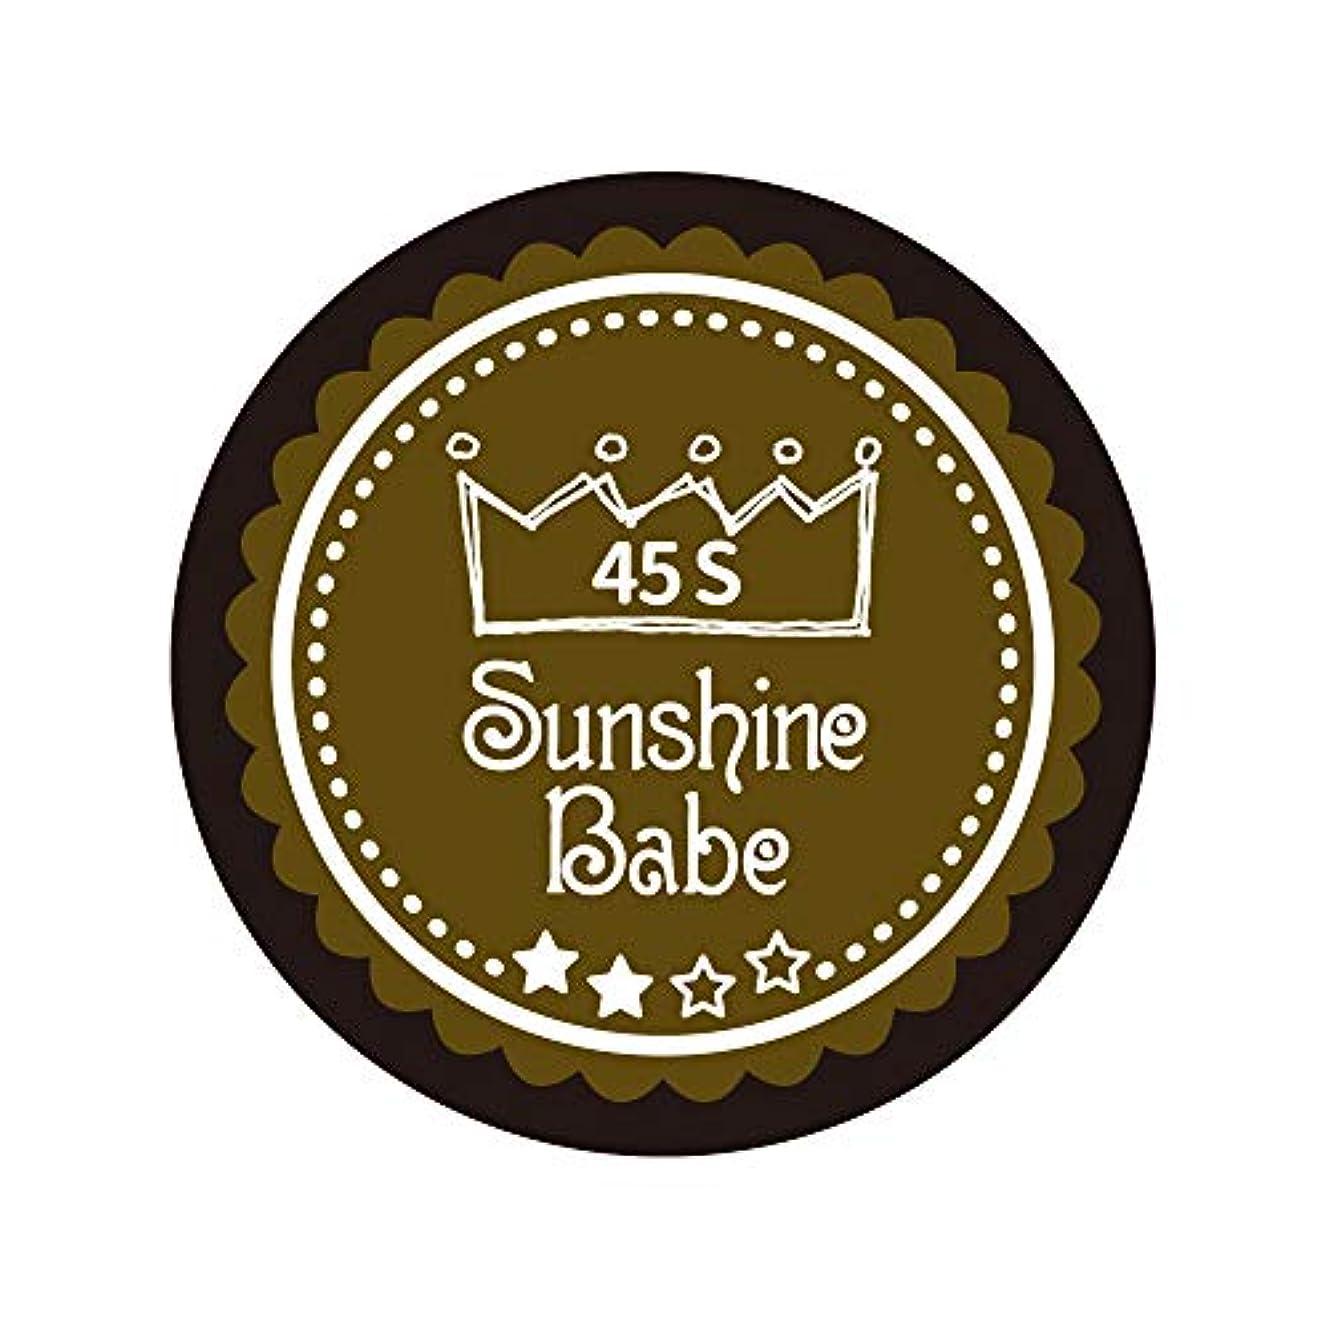 ストレンジャー乱闘親愛なSunshine Babe カラージェル 45S マティーニオリーブ 2.7g UV/LED対応